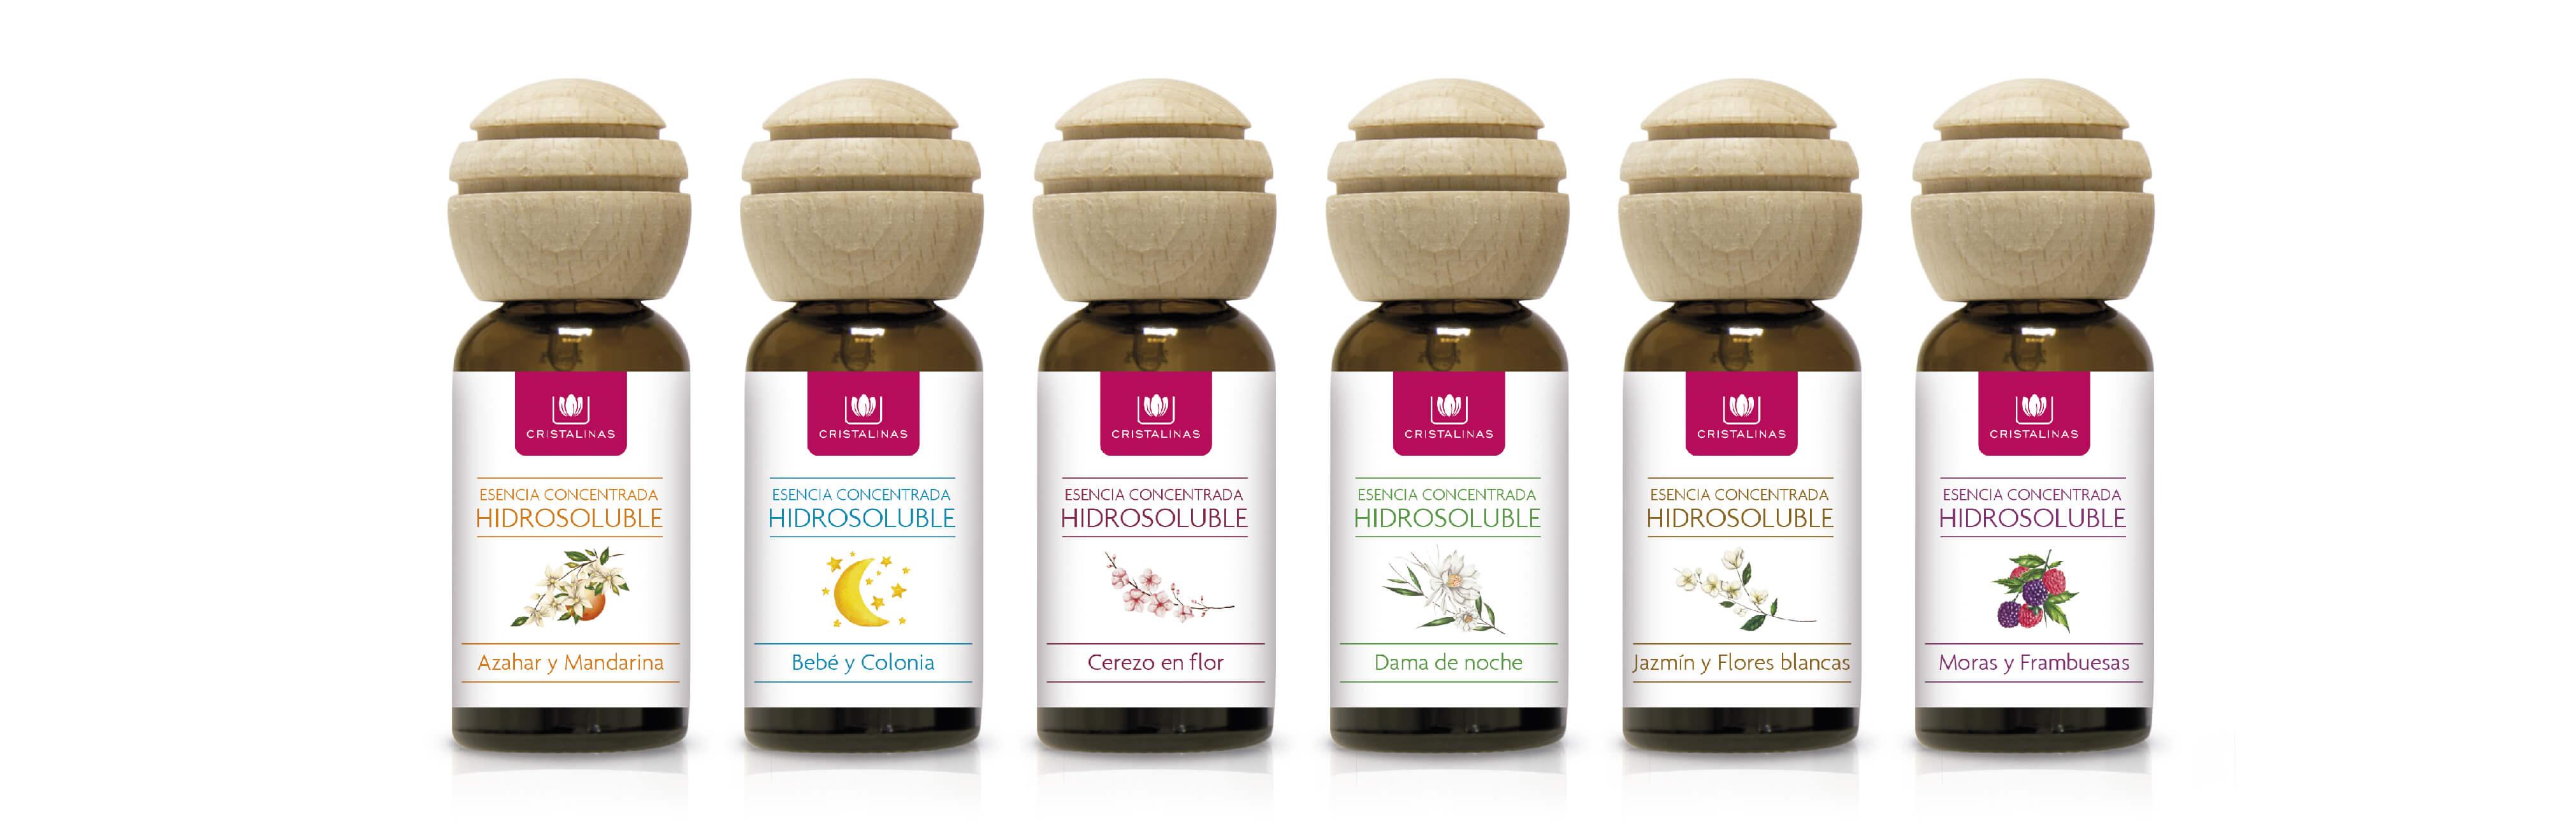 Compra tu Esencia Hidrosoluble en tu aroma preferido en Cristalinas